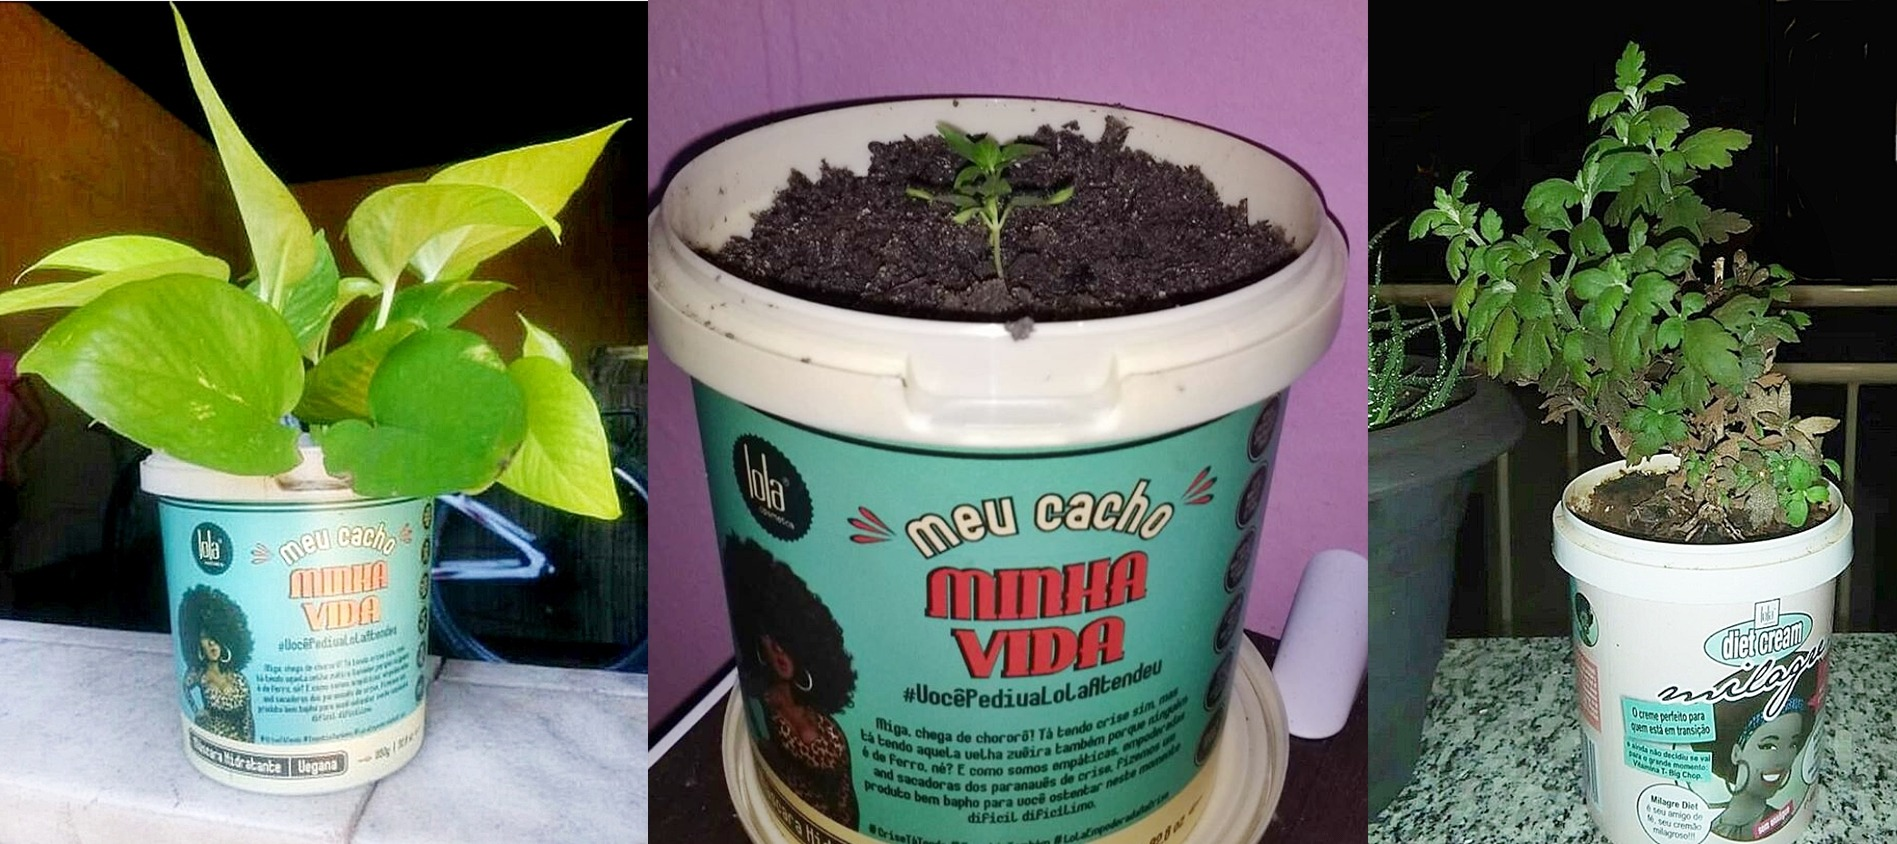 Pegada ecológica e cabelo natural: como reaproveitar embalagens como de produtos de cabelo. foto com potes da marca Lola Cosmetics com plantinhas.